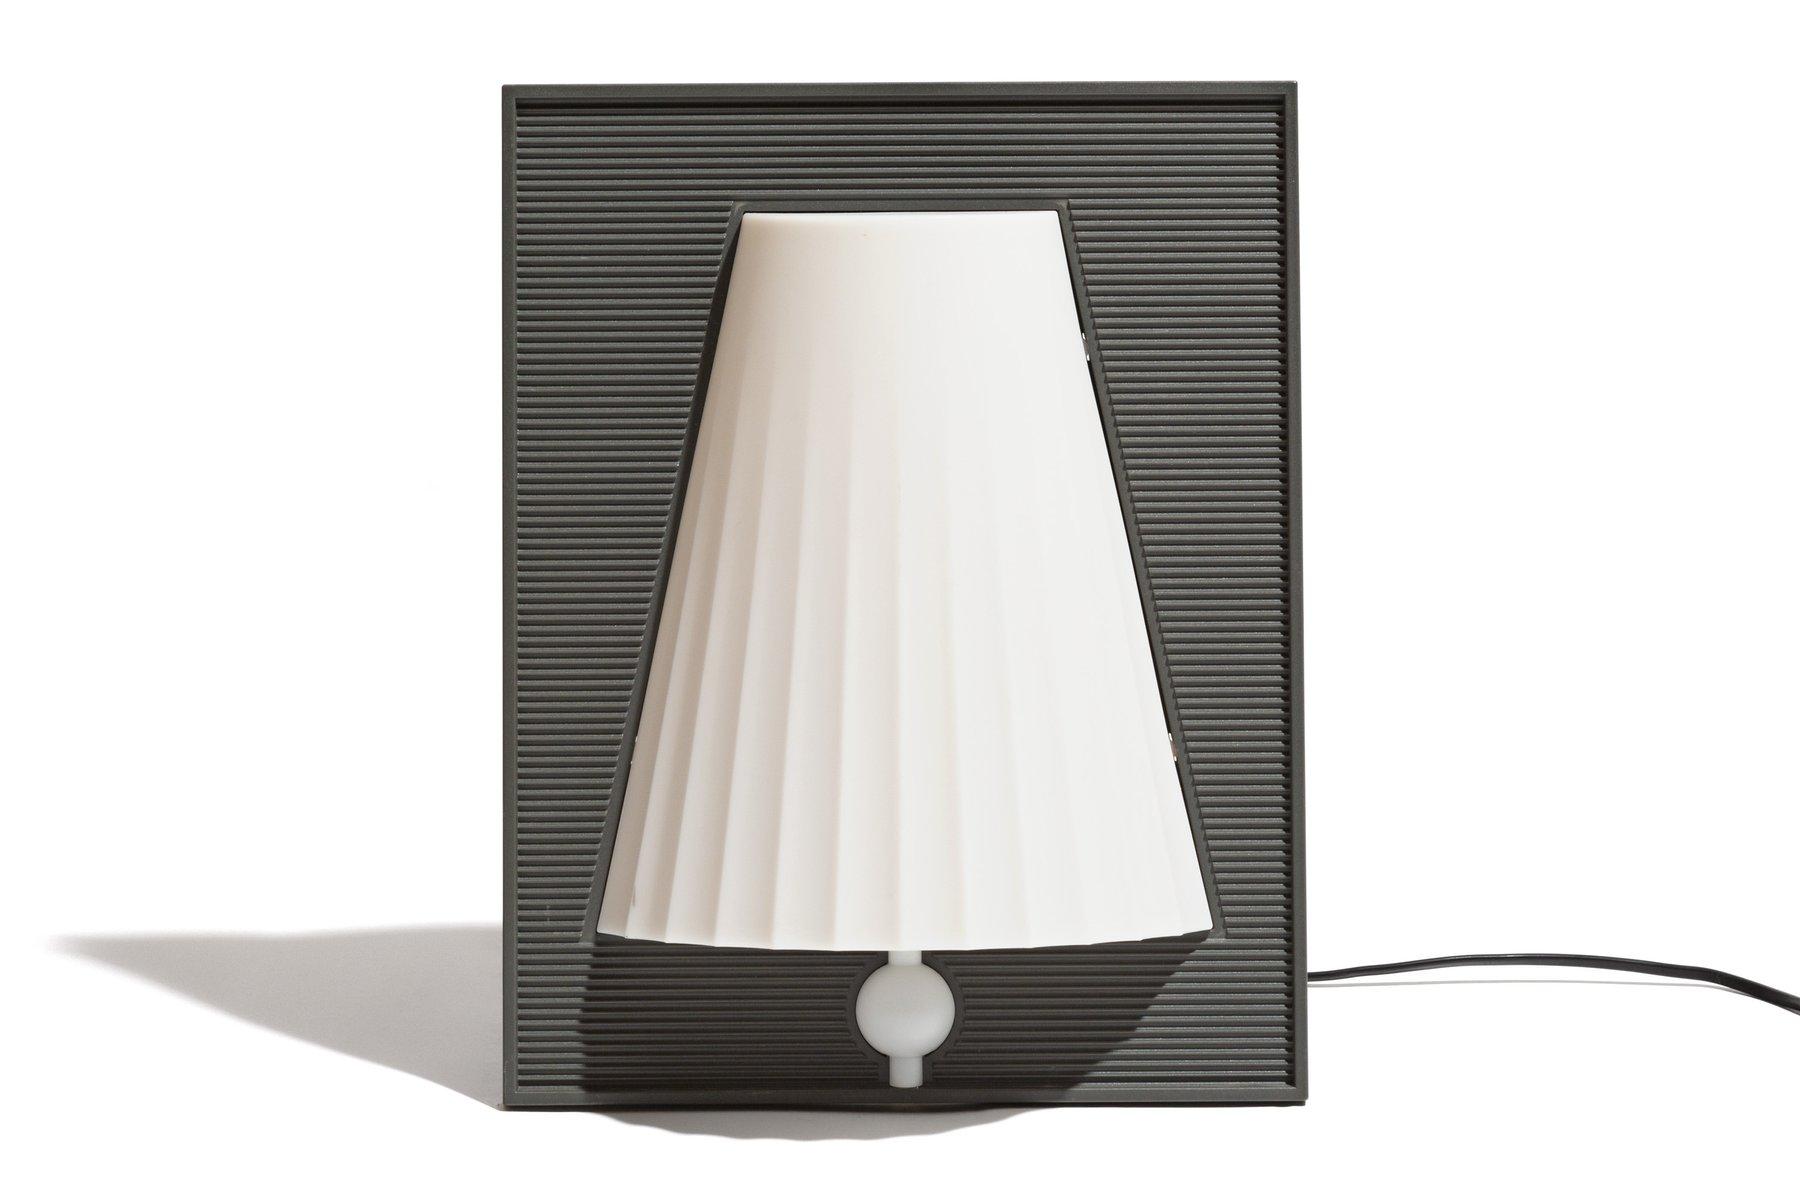 Walla Walla Wandlampe von Philippe Starck für Flos, 1990er